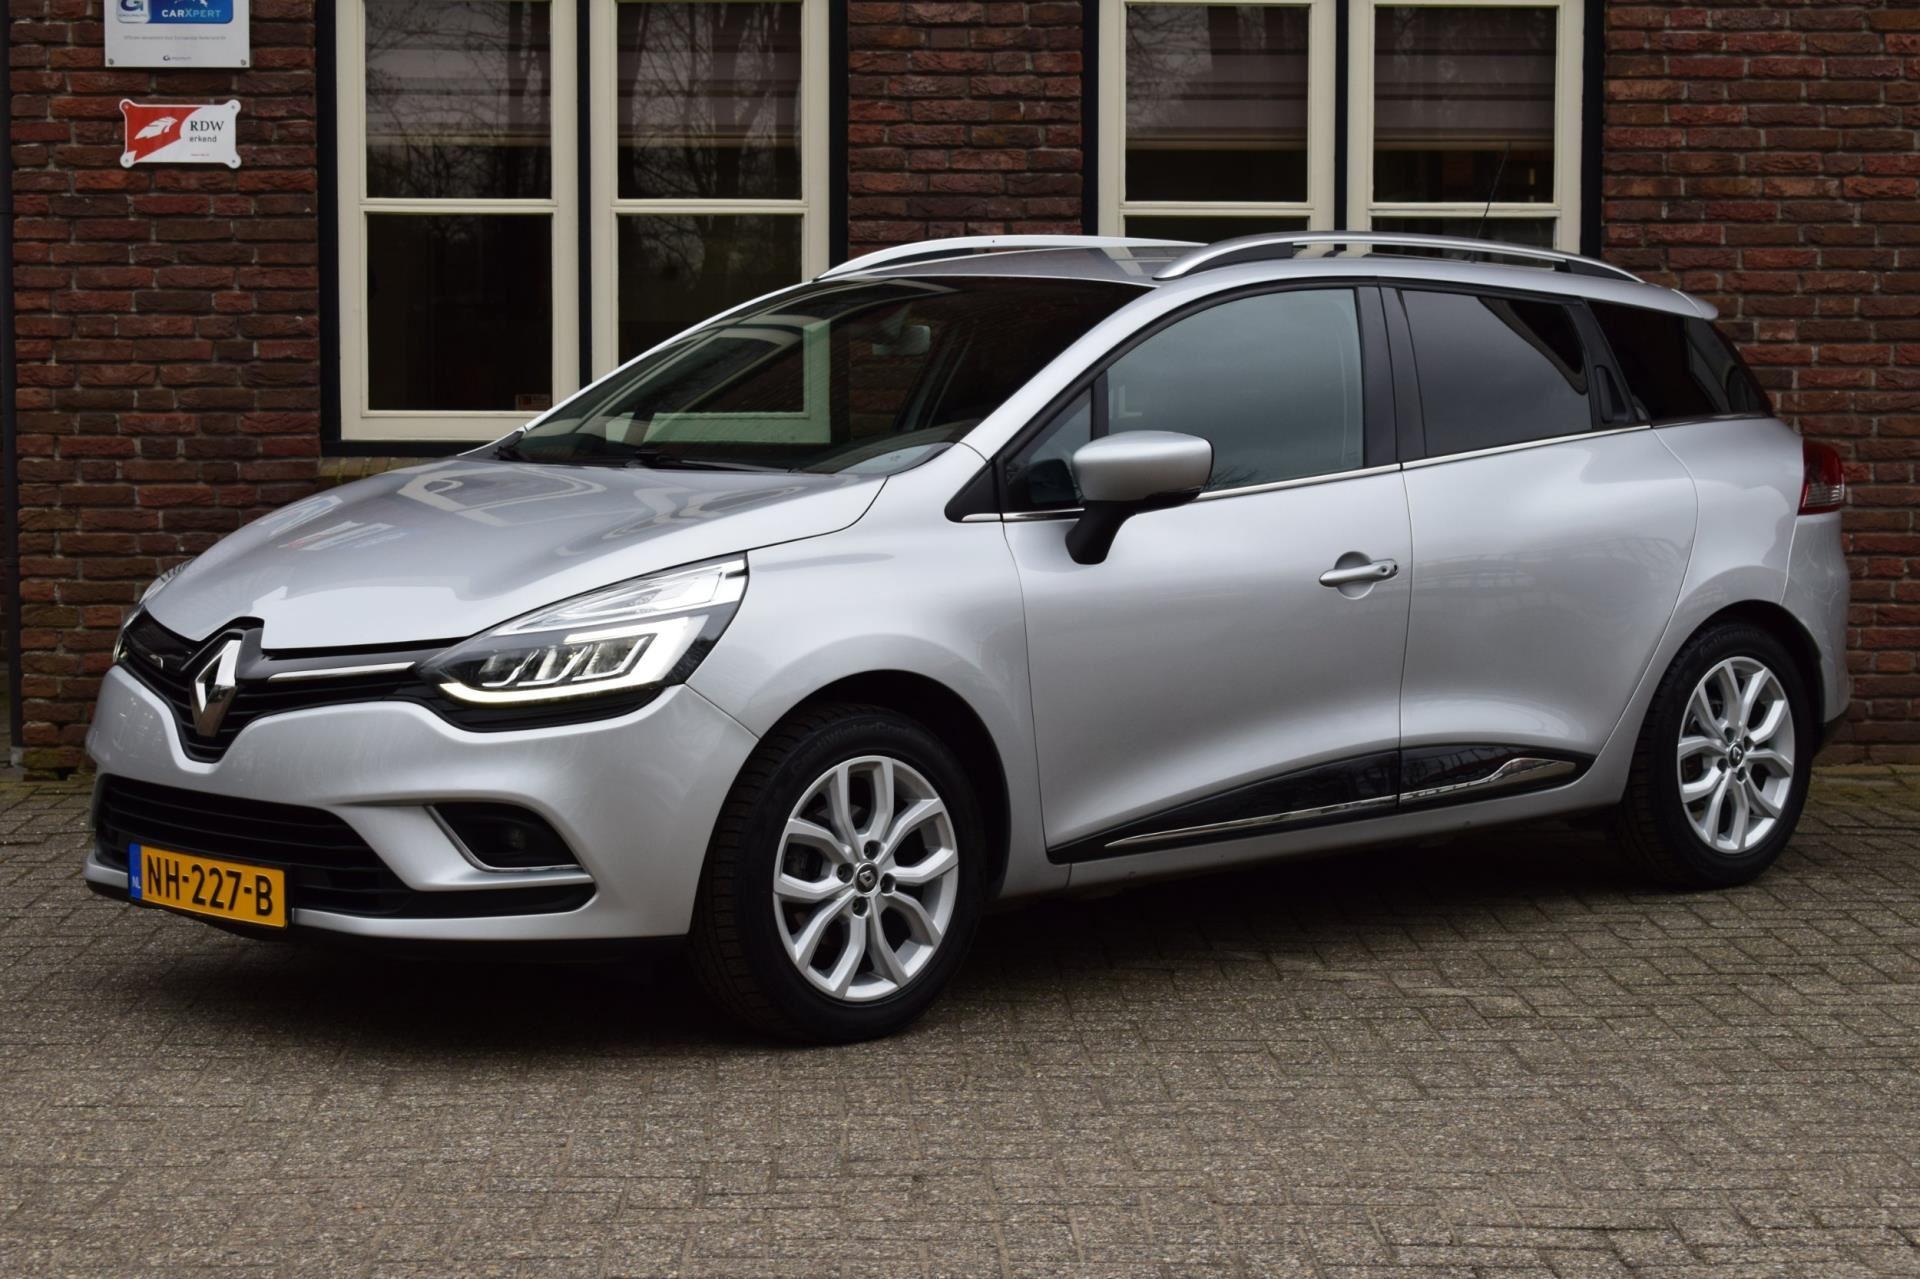 Renault Clio Estate occasion - Autobedrijf van der Veen